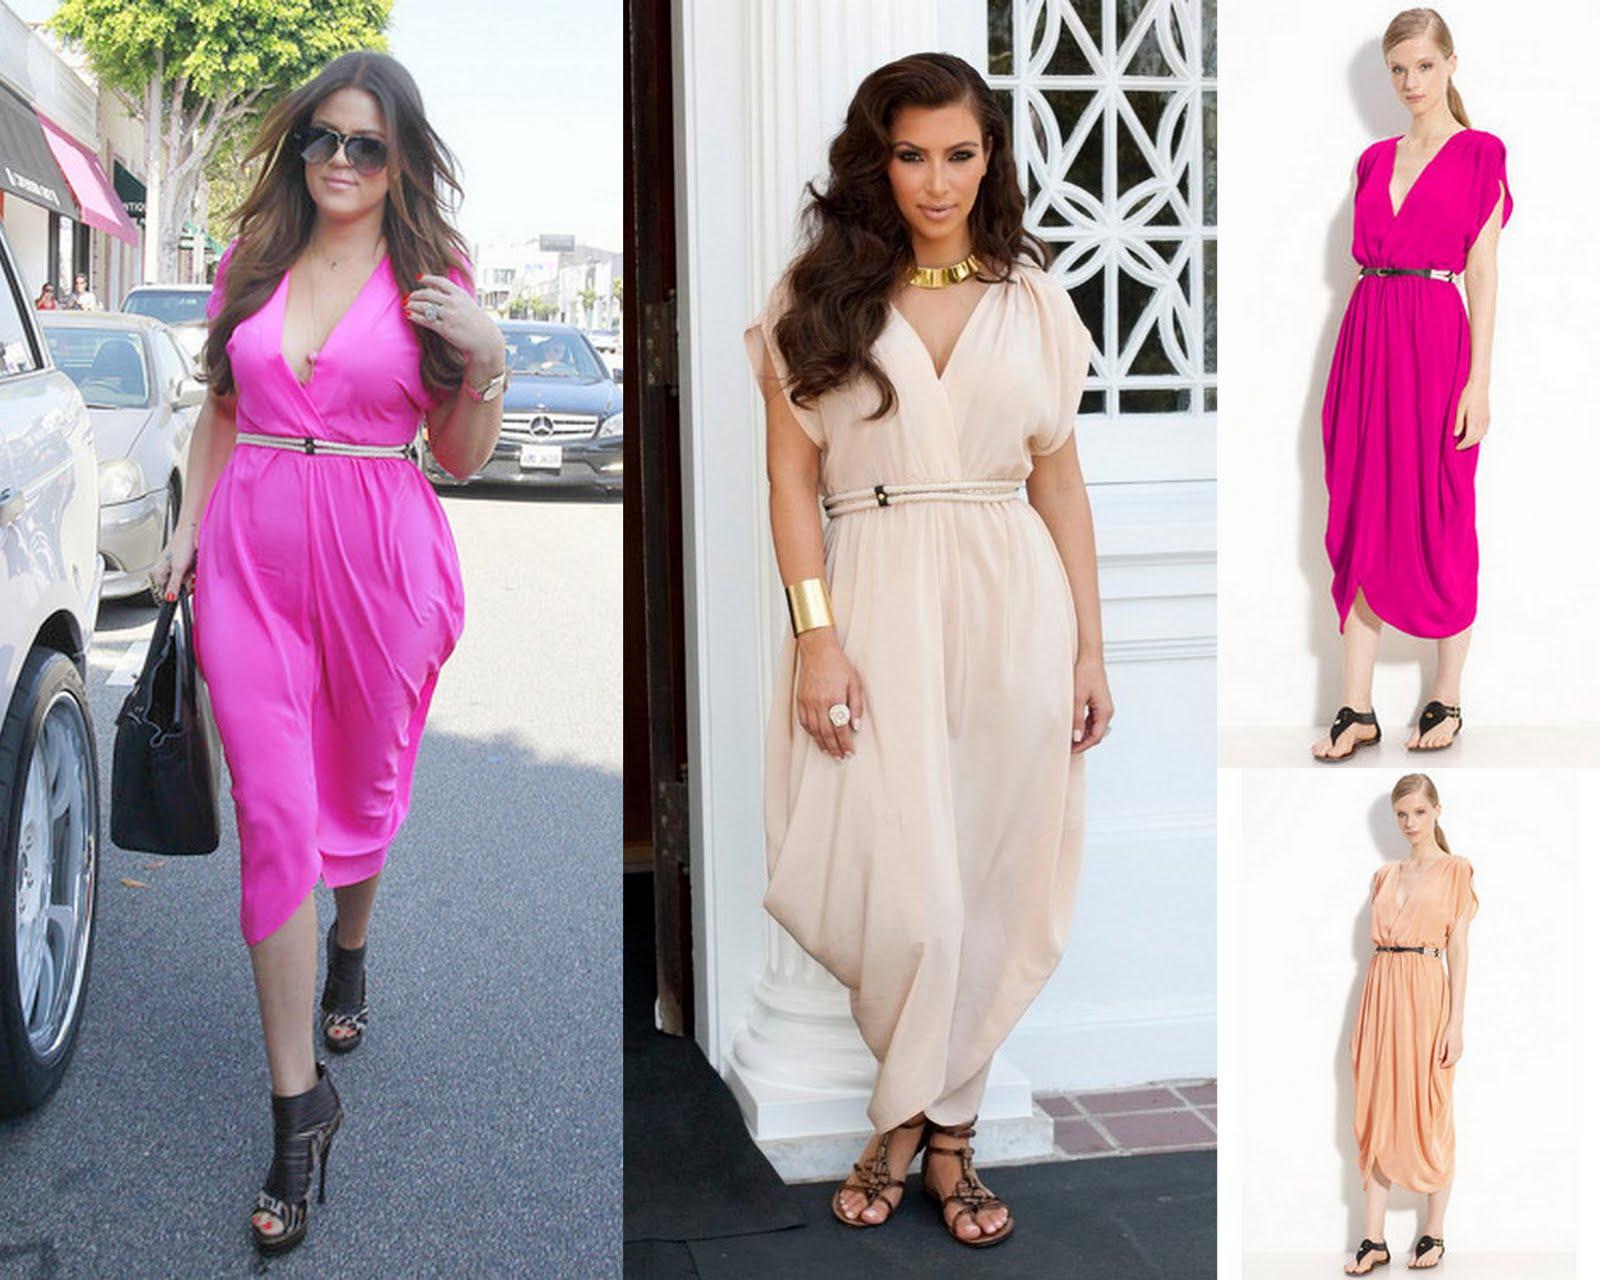 http://3.bp.blogspot.com/-ZQq39CSLl24/Tkbtdecdi_I/AAAAAAAABKg/pFIUUzA_L9s/s1600/kardashians.jpg